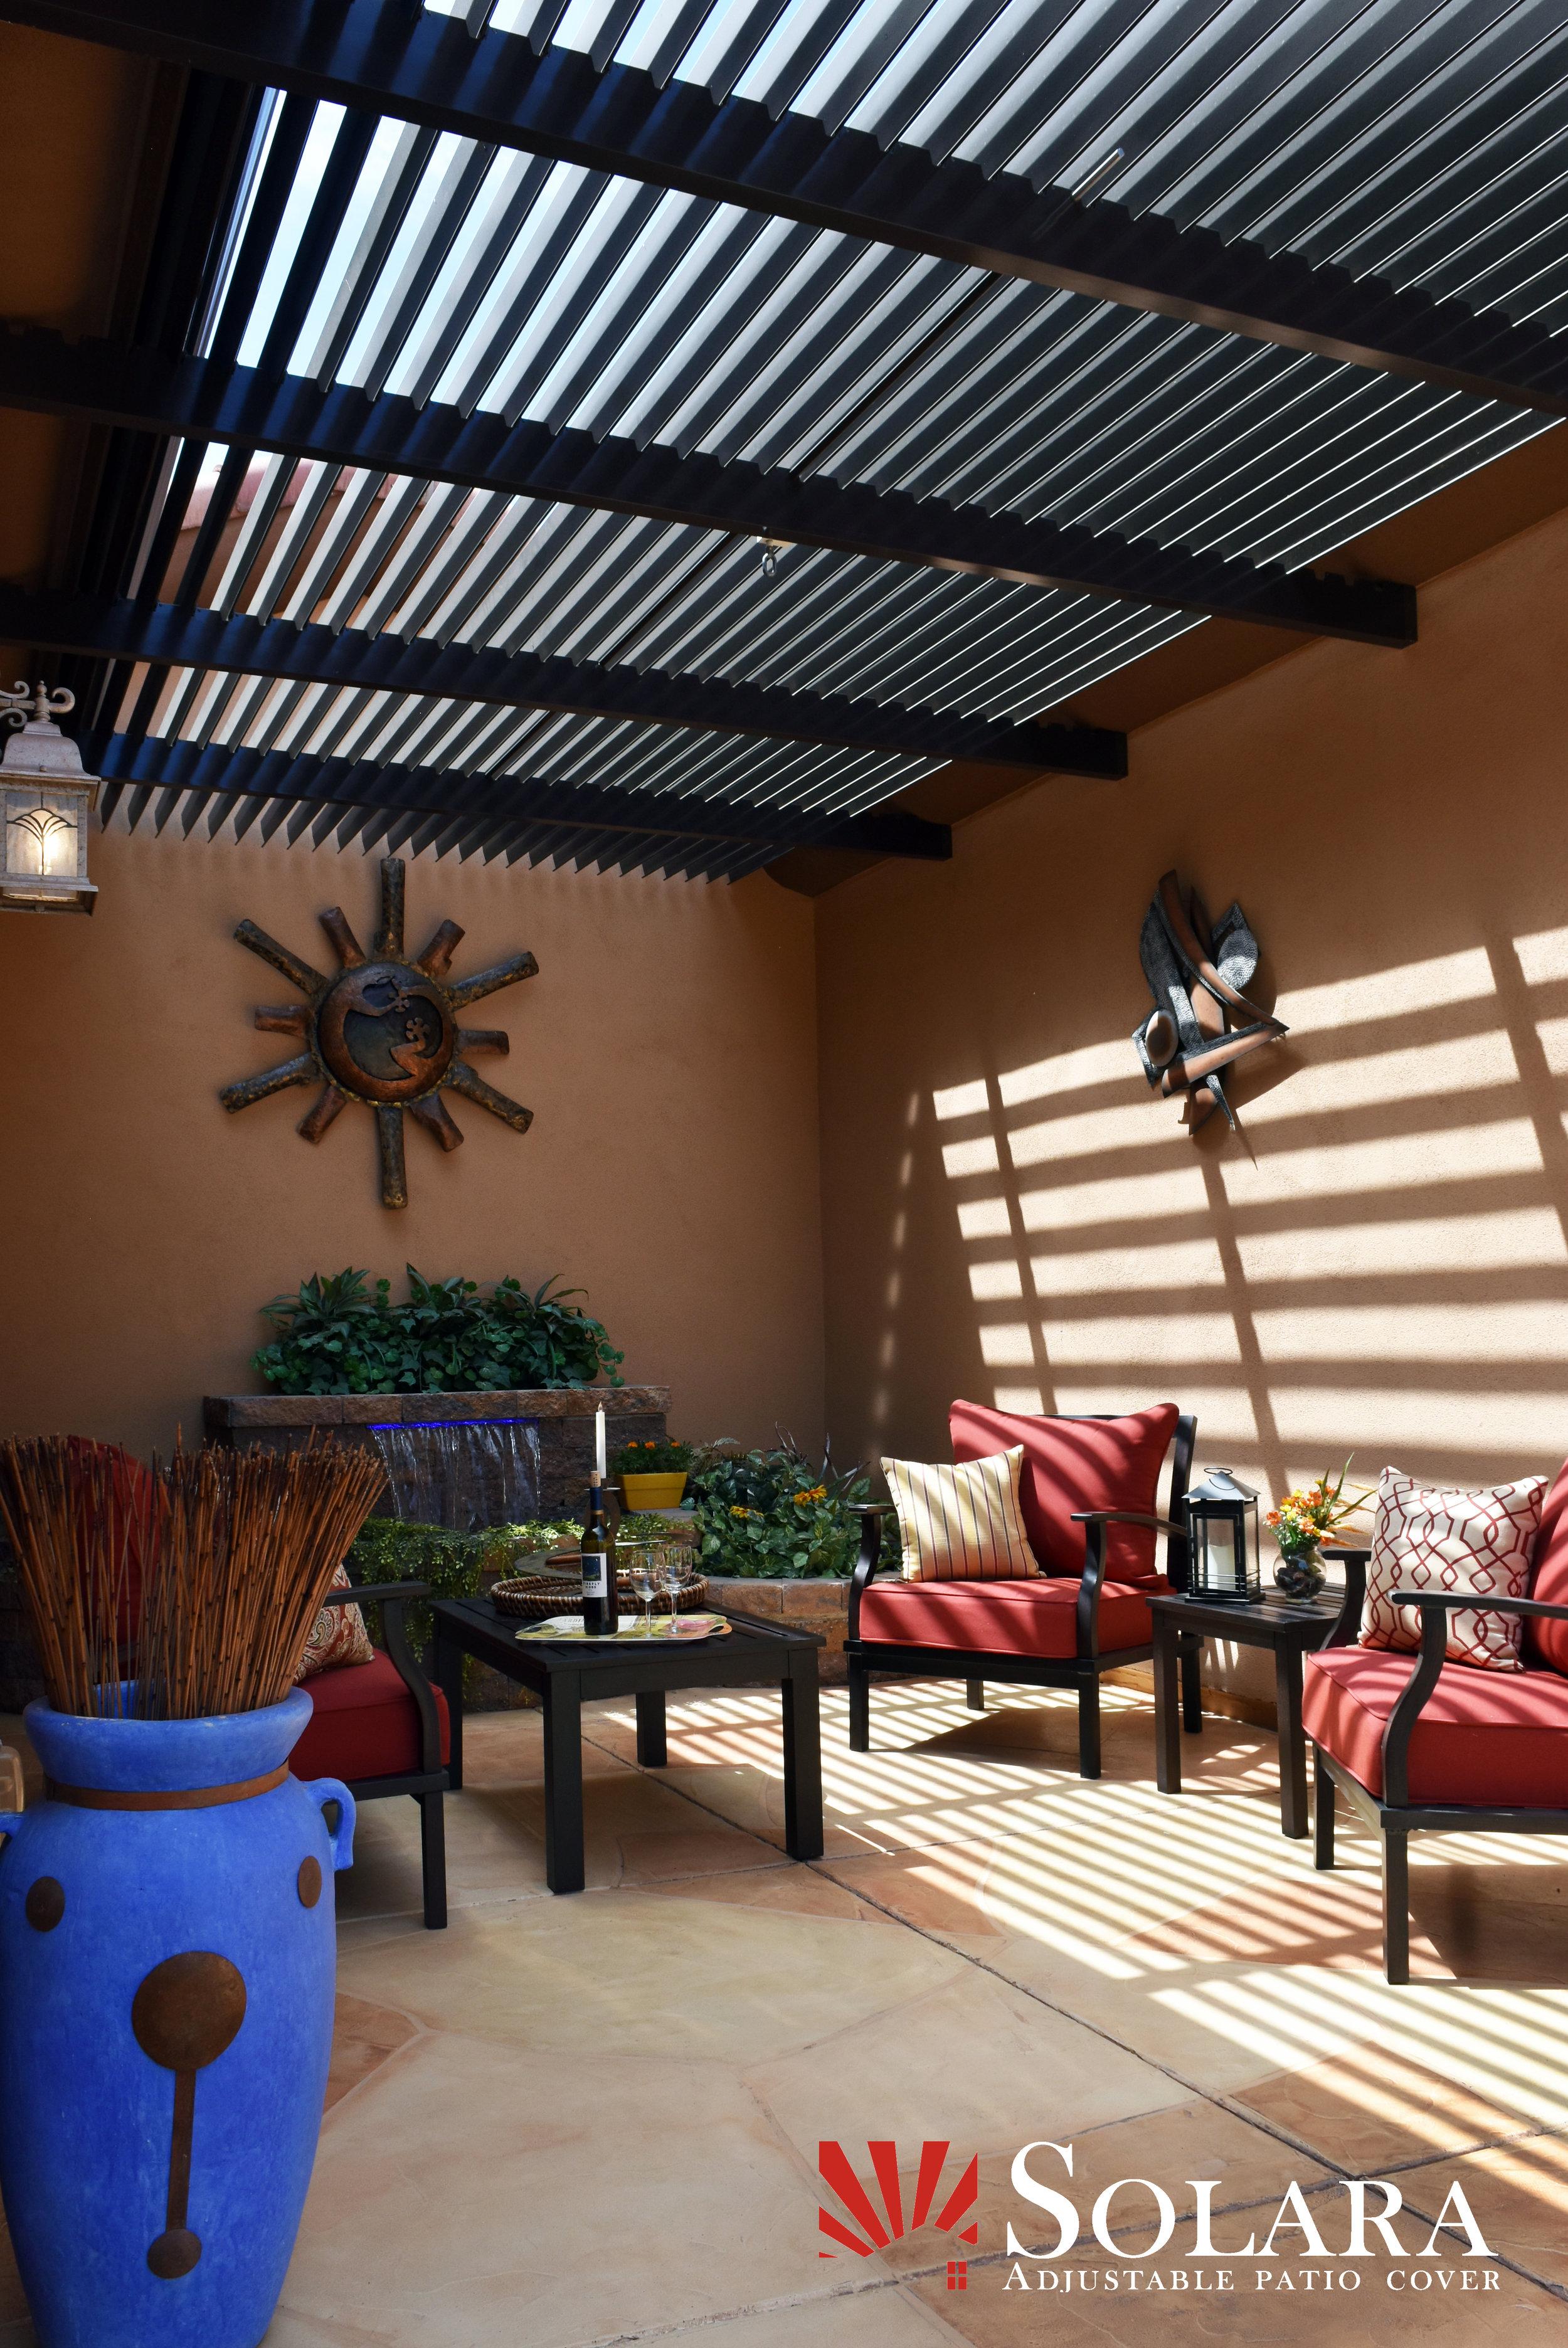 solara adjustable patio cover datura